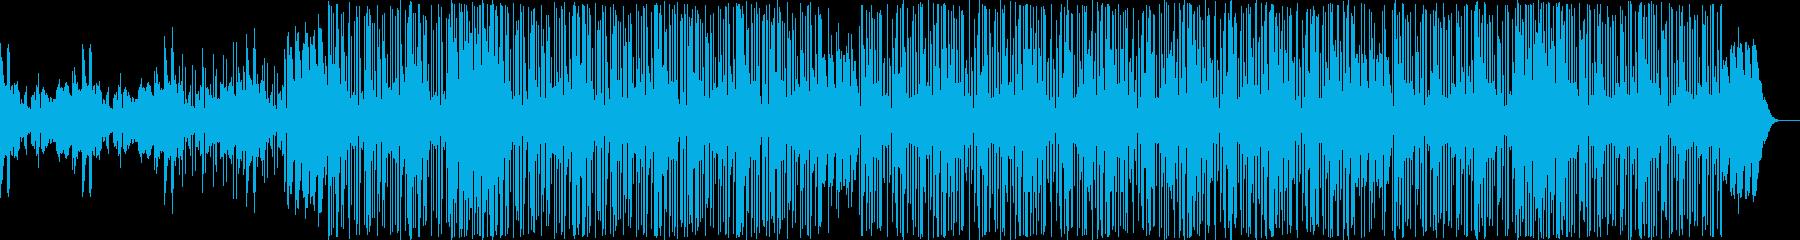 冷静になる。の再生済みの波形